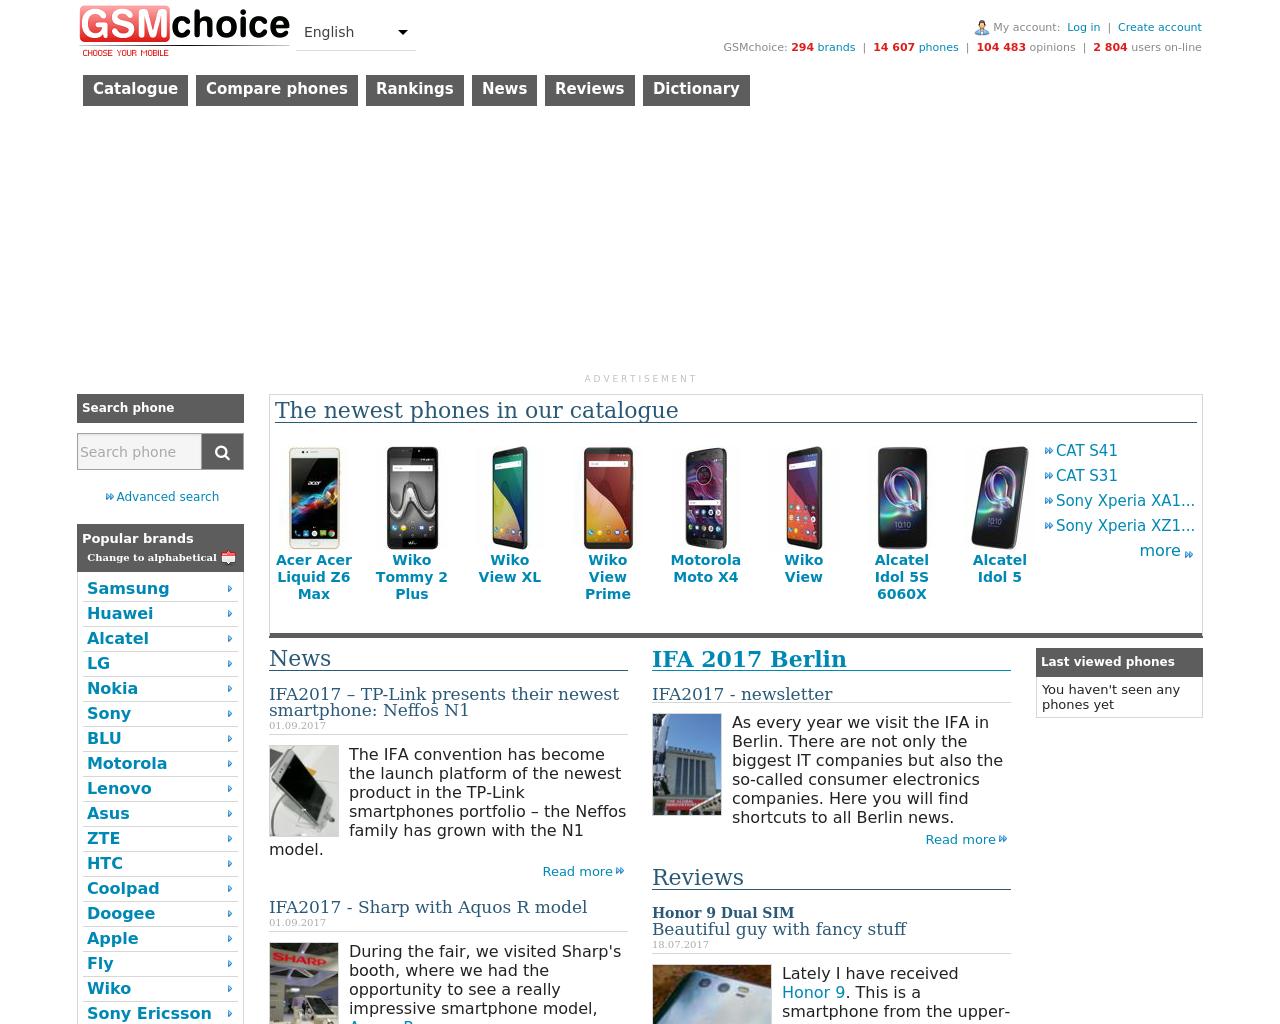 GSMchoice.com-Advertising-Reviews-Pricing